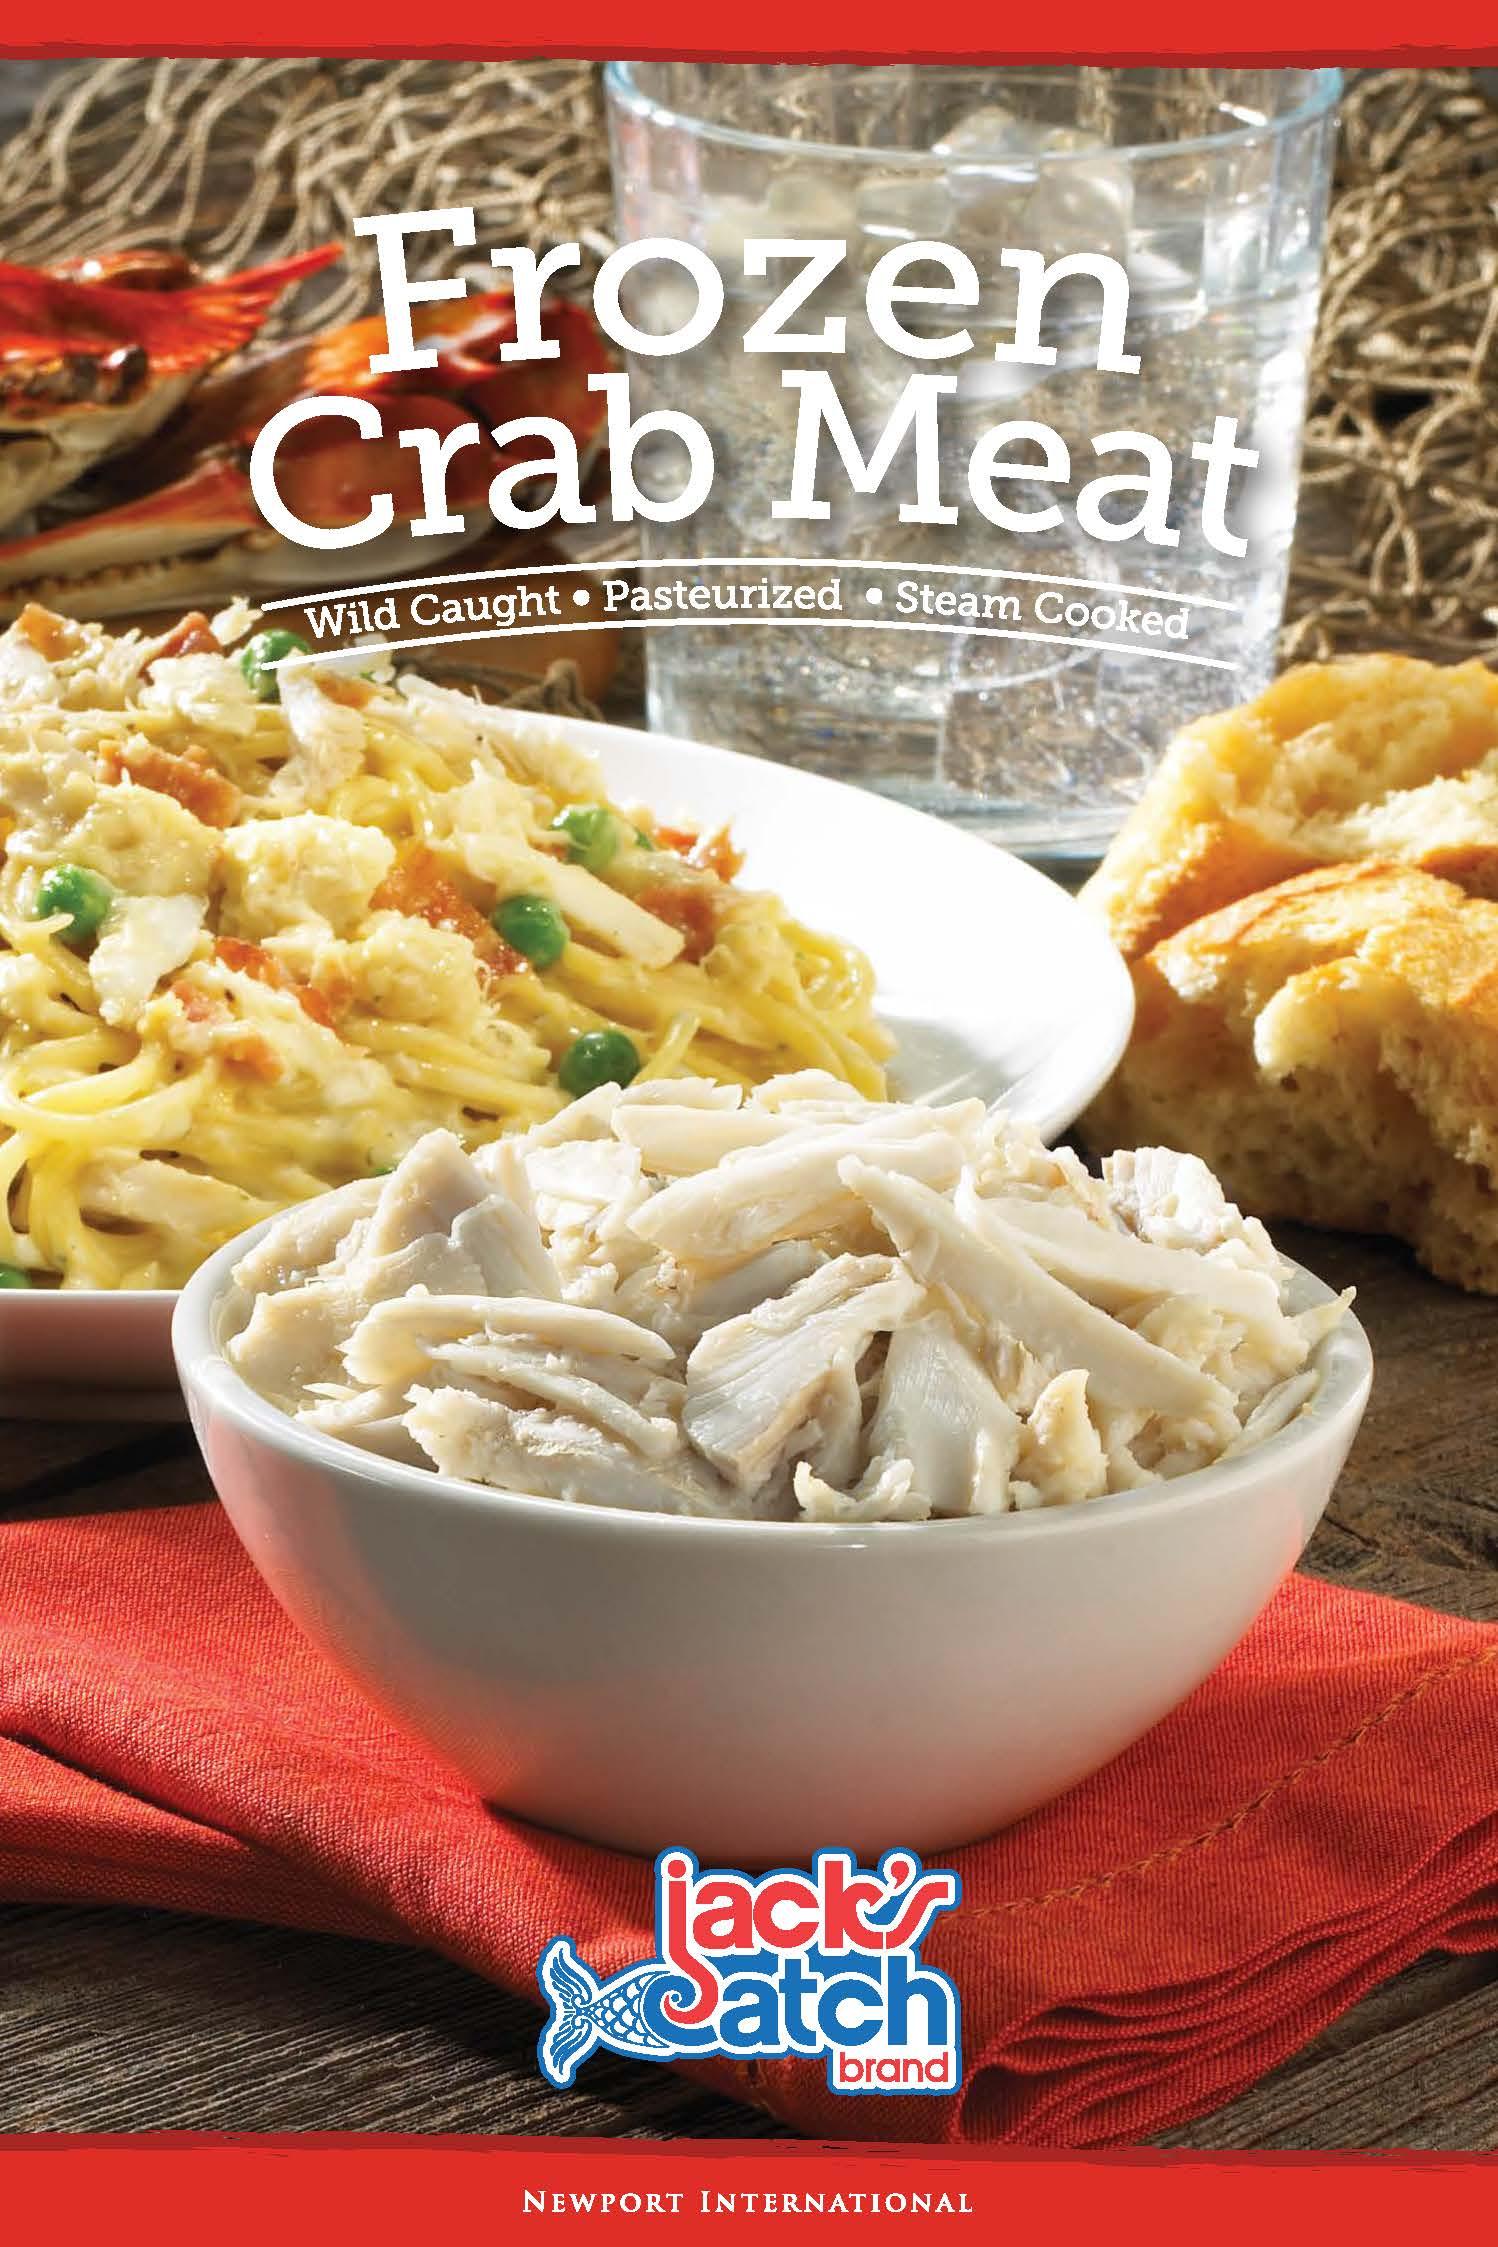 Frozen Crab Meat